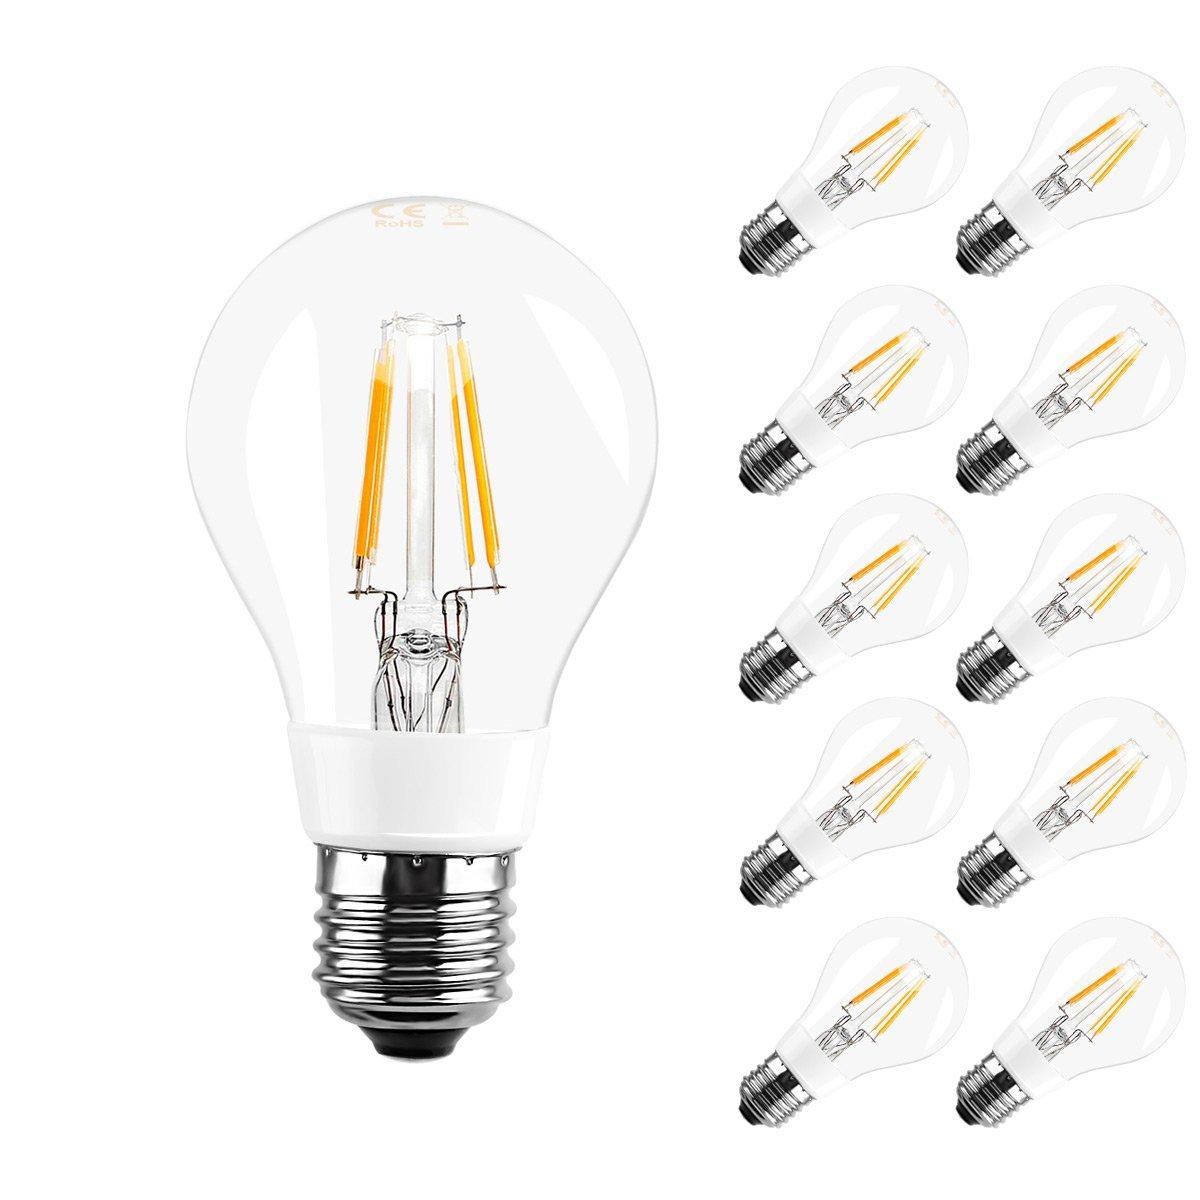 [Bündel] 4W A60 LED Glühfaden Birnen, 360° Strahler, Ersatz für 40W Glühlampe, Warmweiß, 10er Set